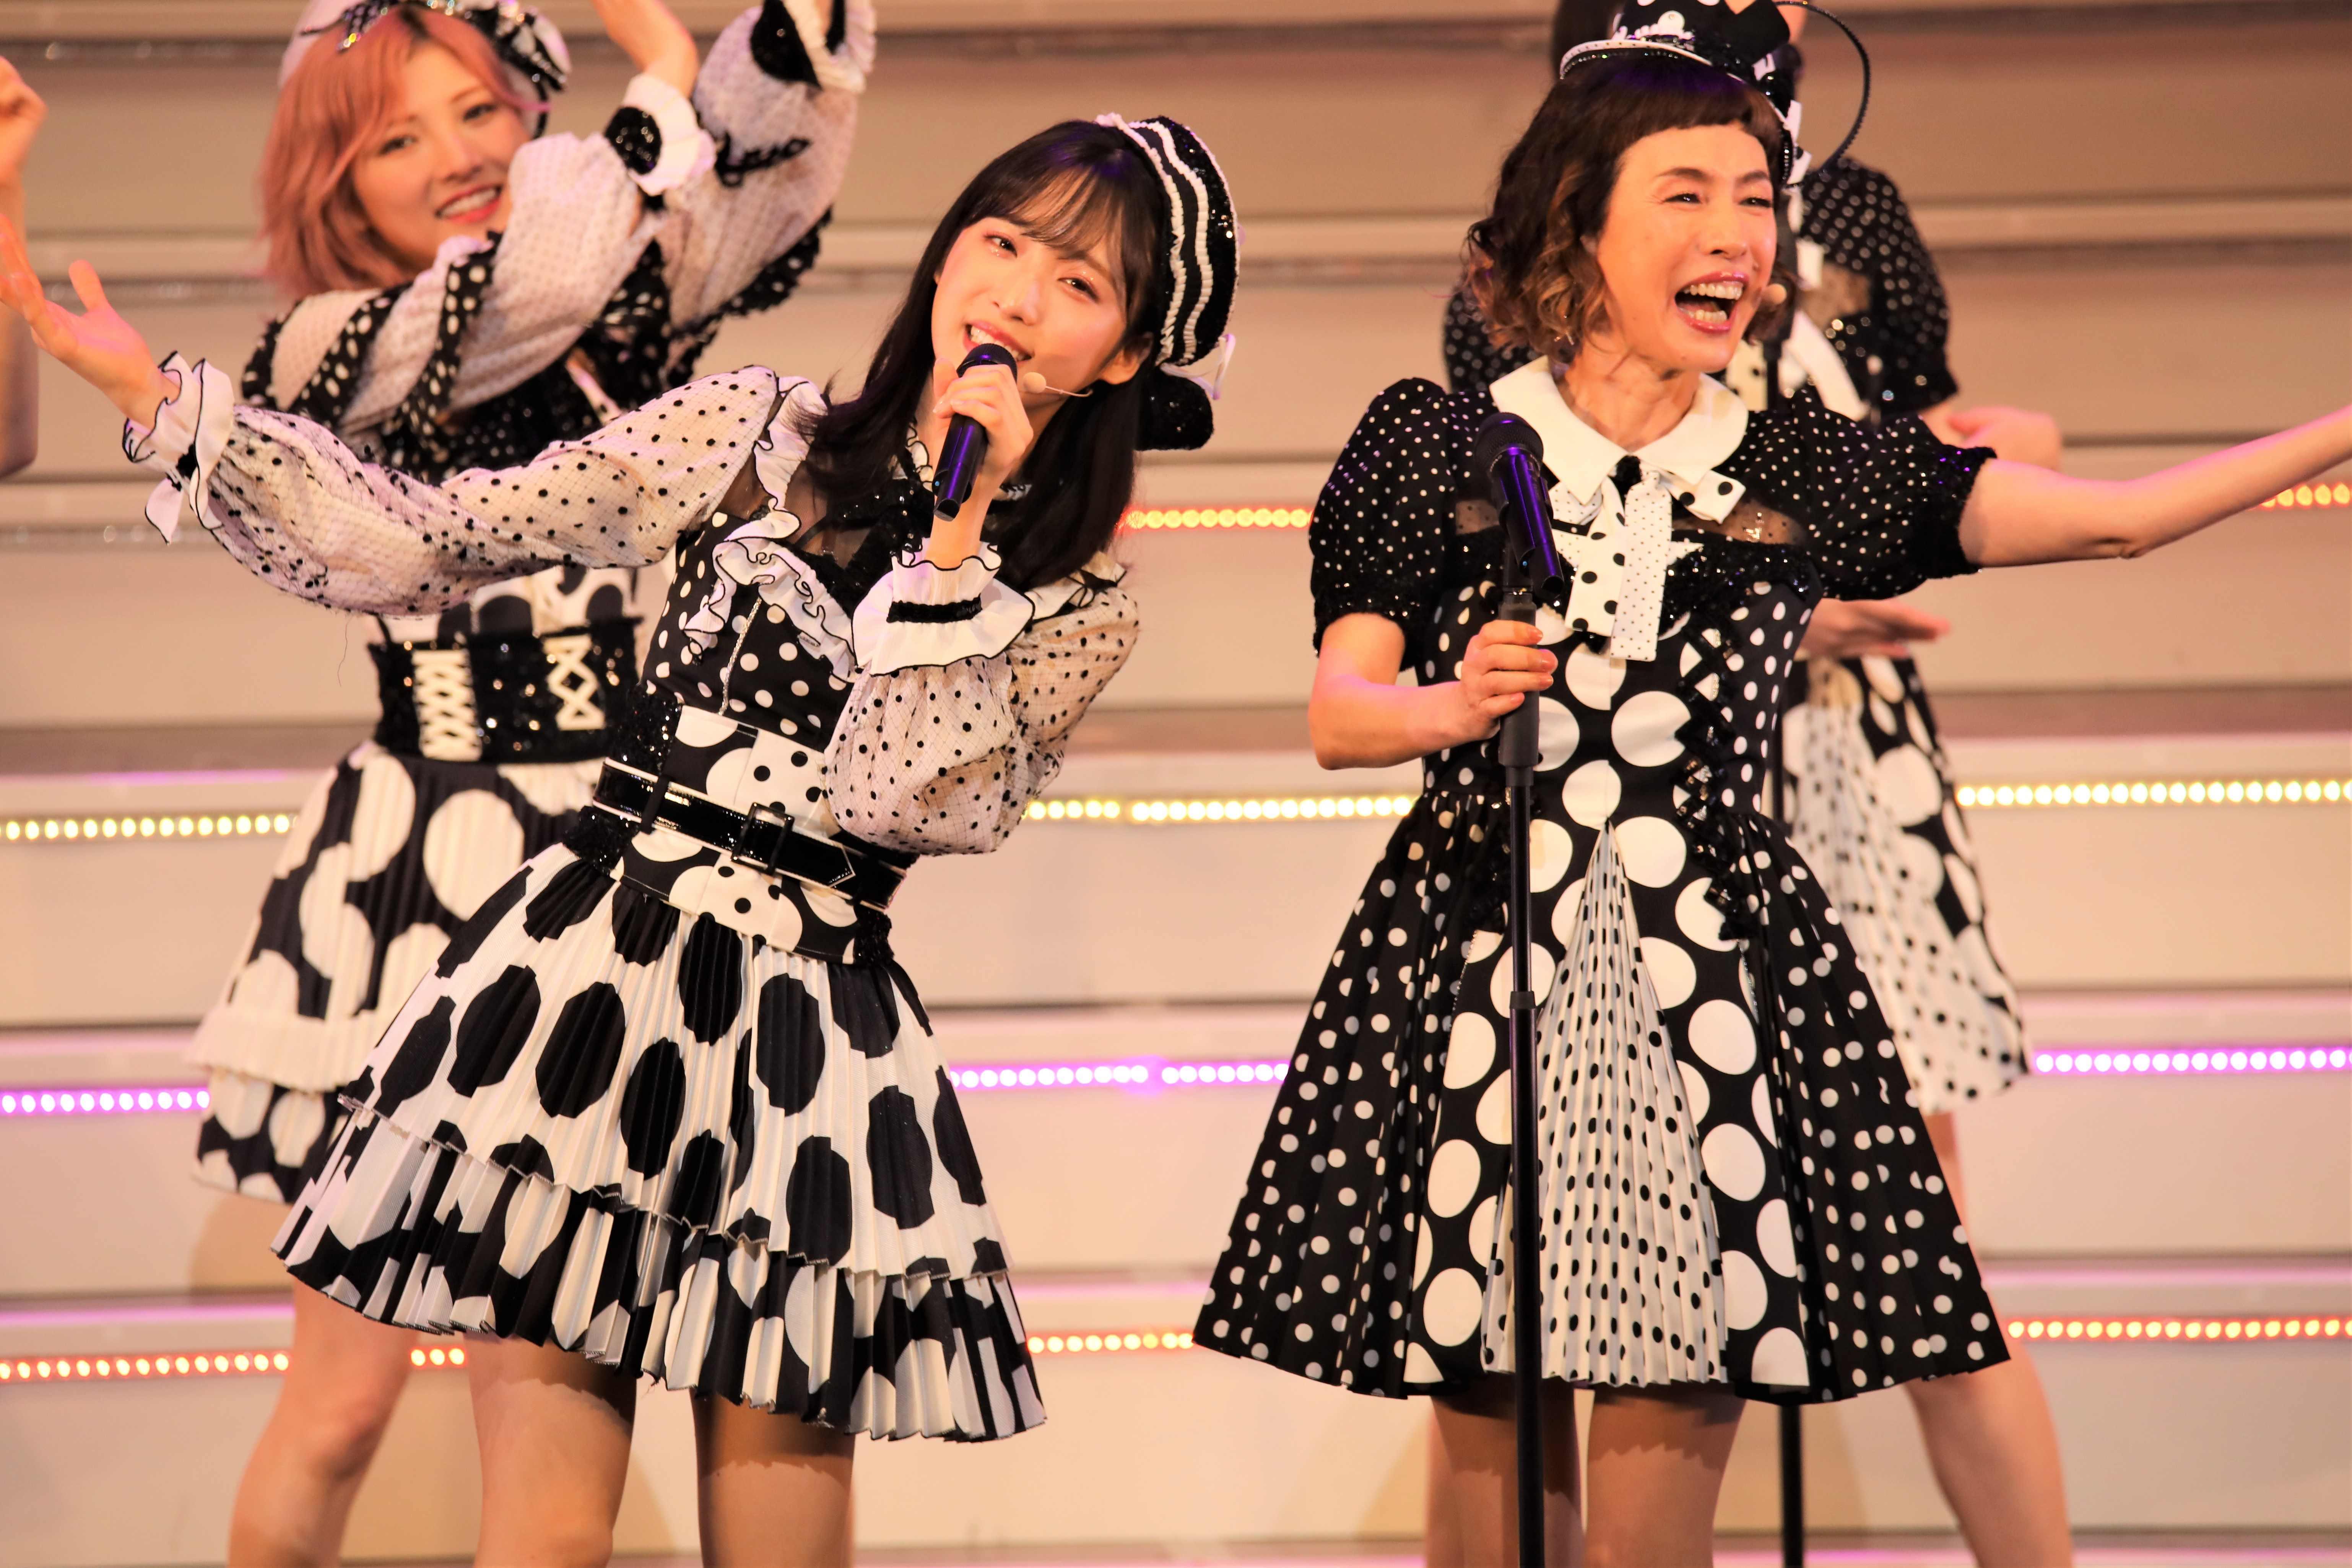 小栗有以と久本雅美 ©AKB48 THE AUDISHOW製作委員会  無断アップロード及び転送は一切禁止です。